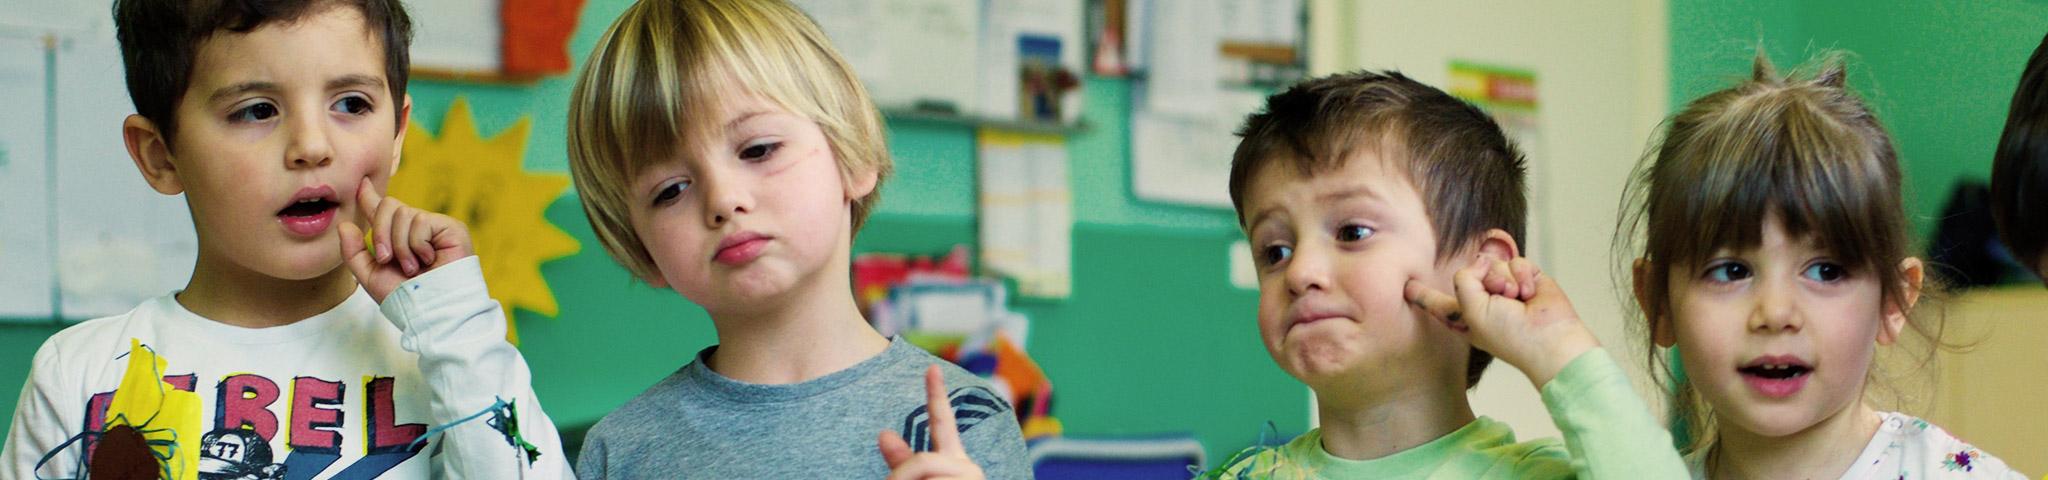 GEIS - Progetto pedagogico - Educazione tempestiva